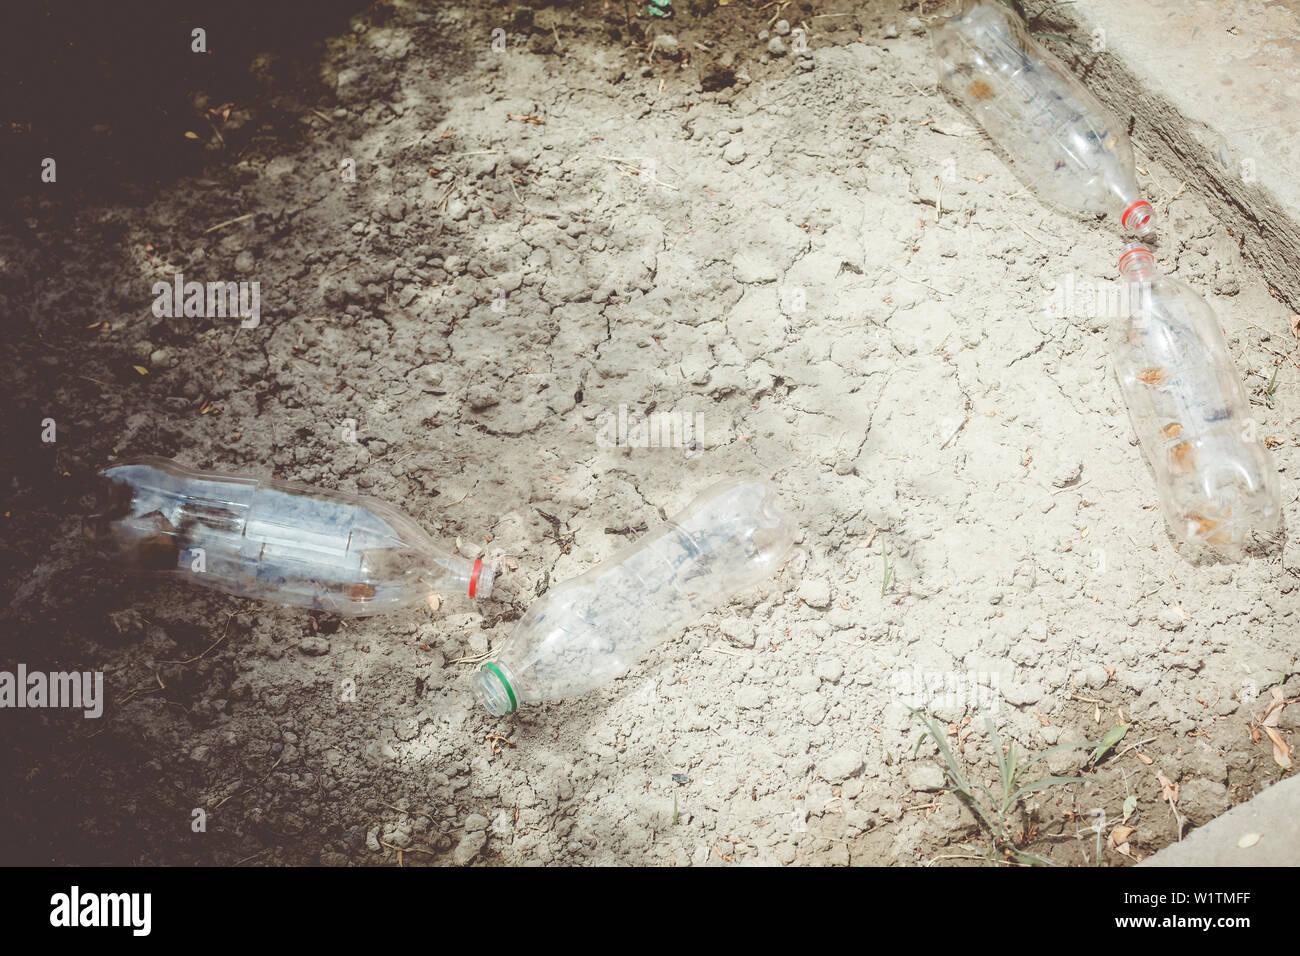 Inquinamento di plastica sulla terra. Rifiuti. Immondizia di plastica. La natura e la plastica. Immagini Stock